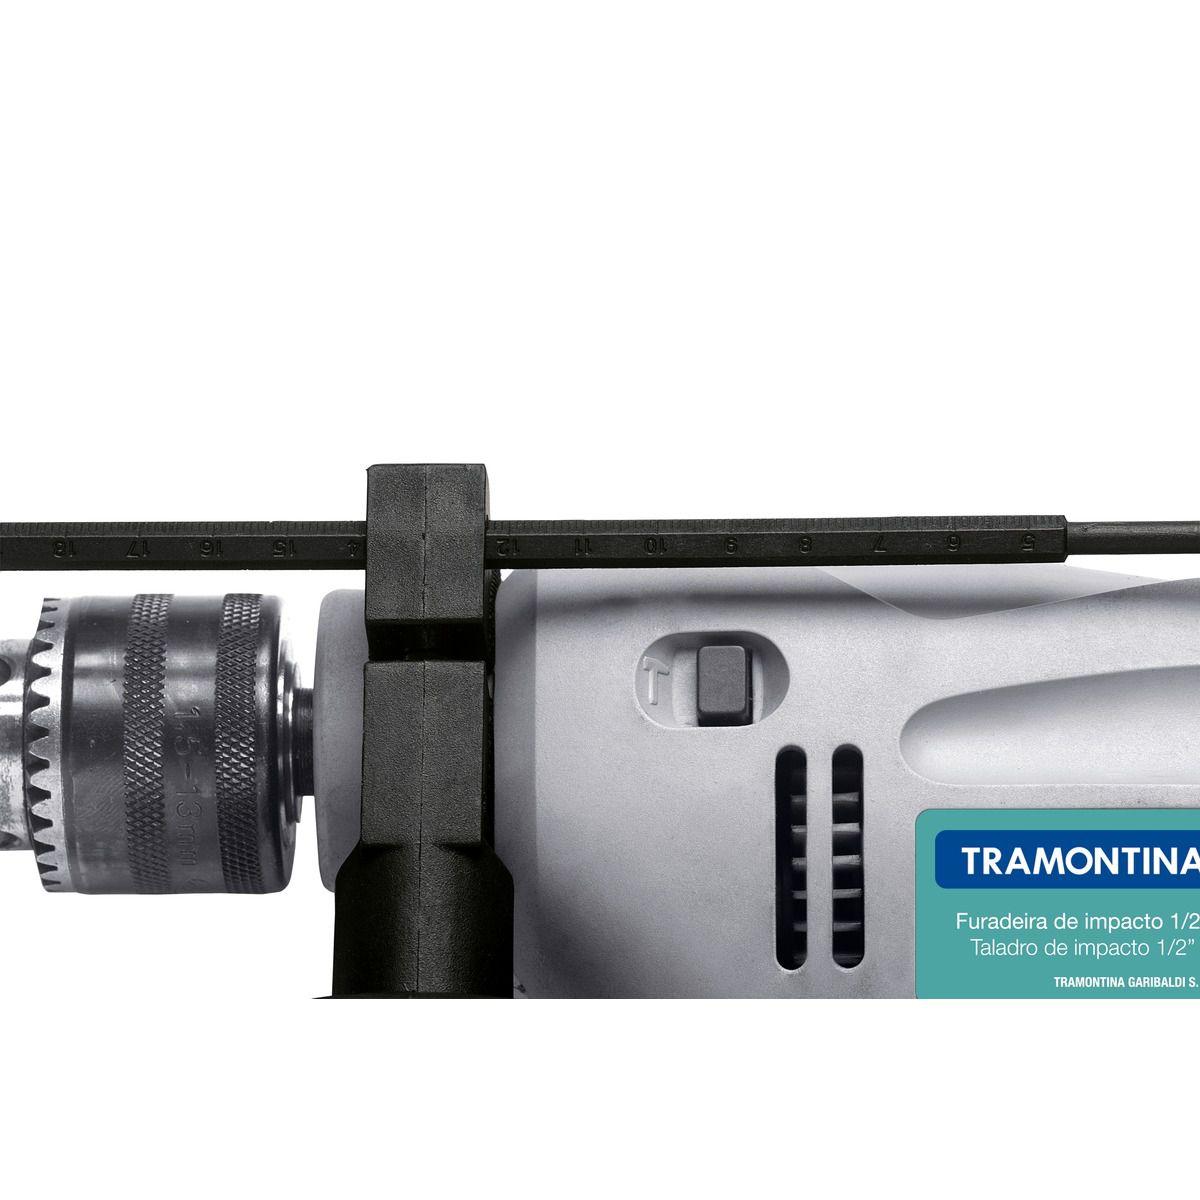 Furadeira de Impacto 1/2 Pol 500 W - Tramontina